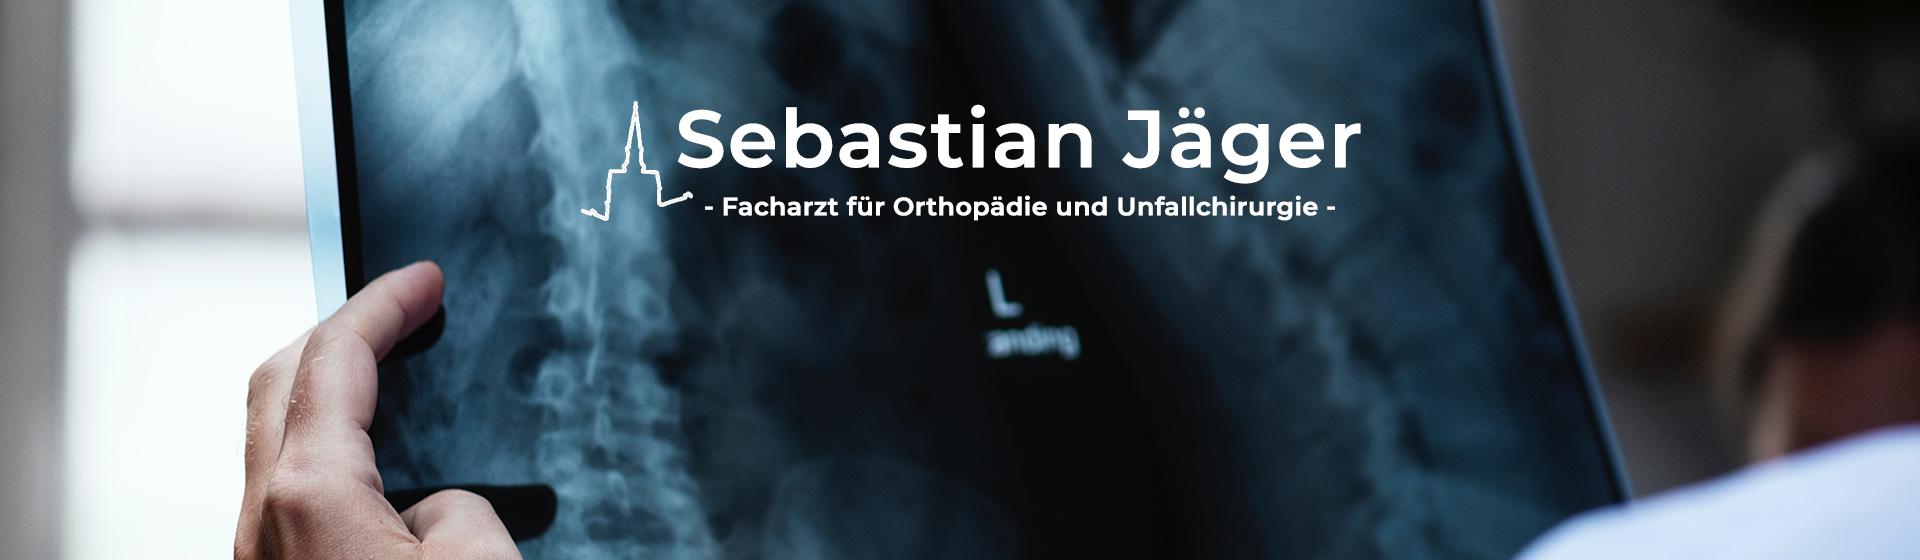 Orthopädie Osterode